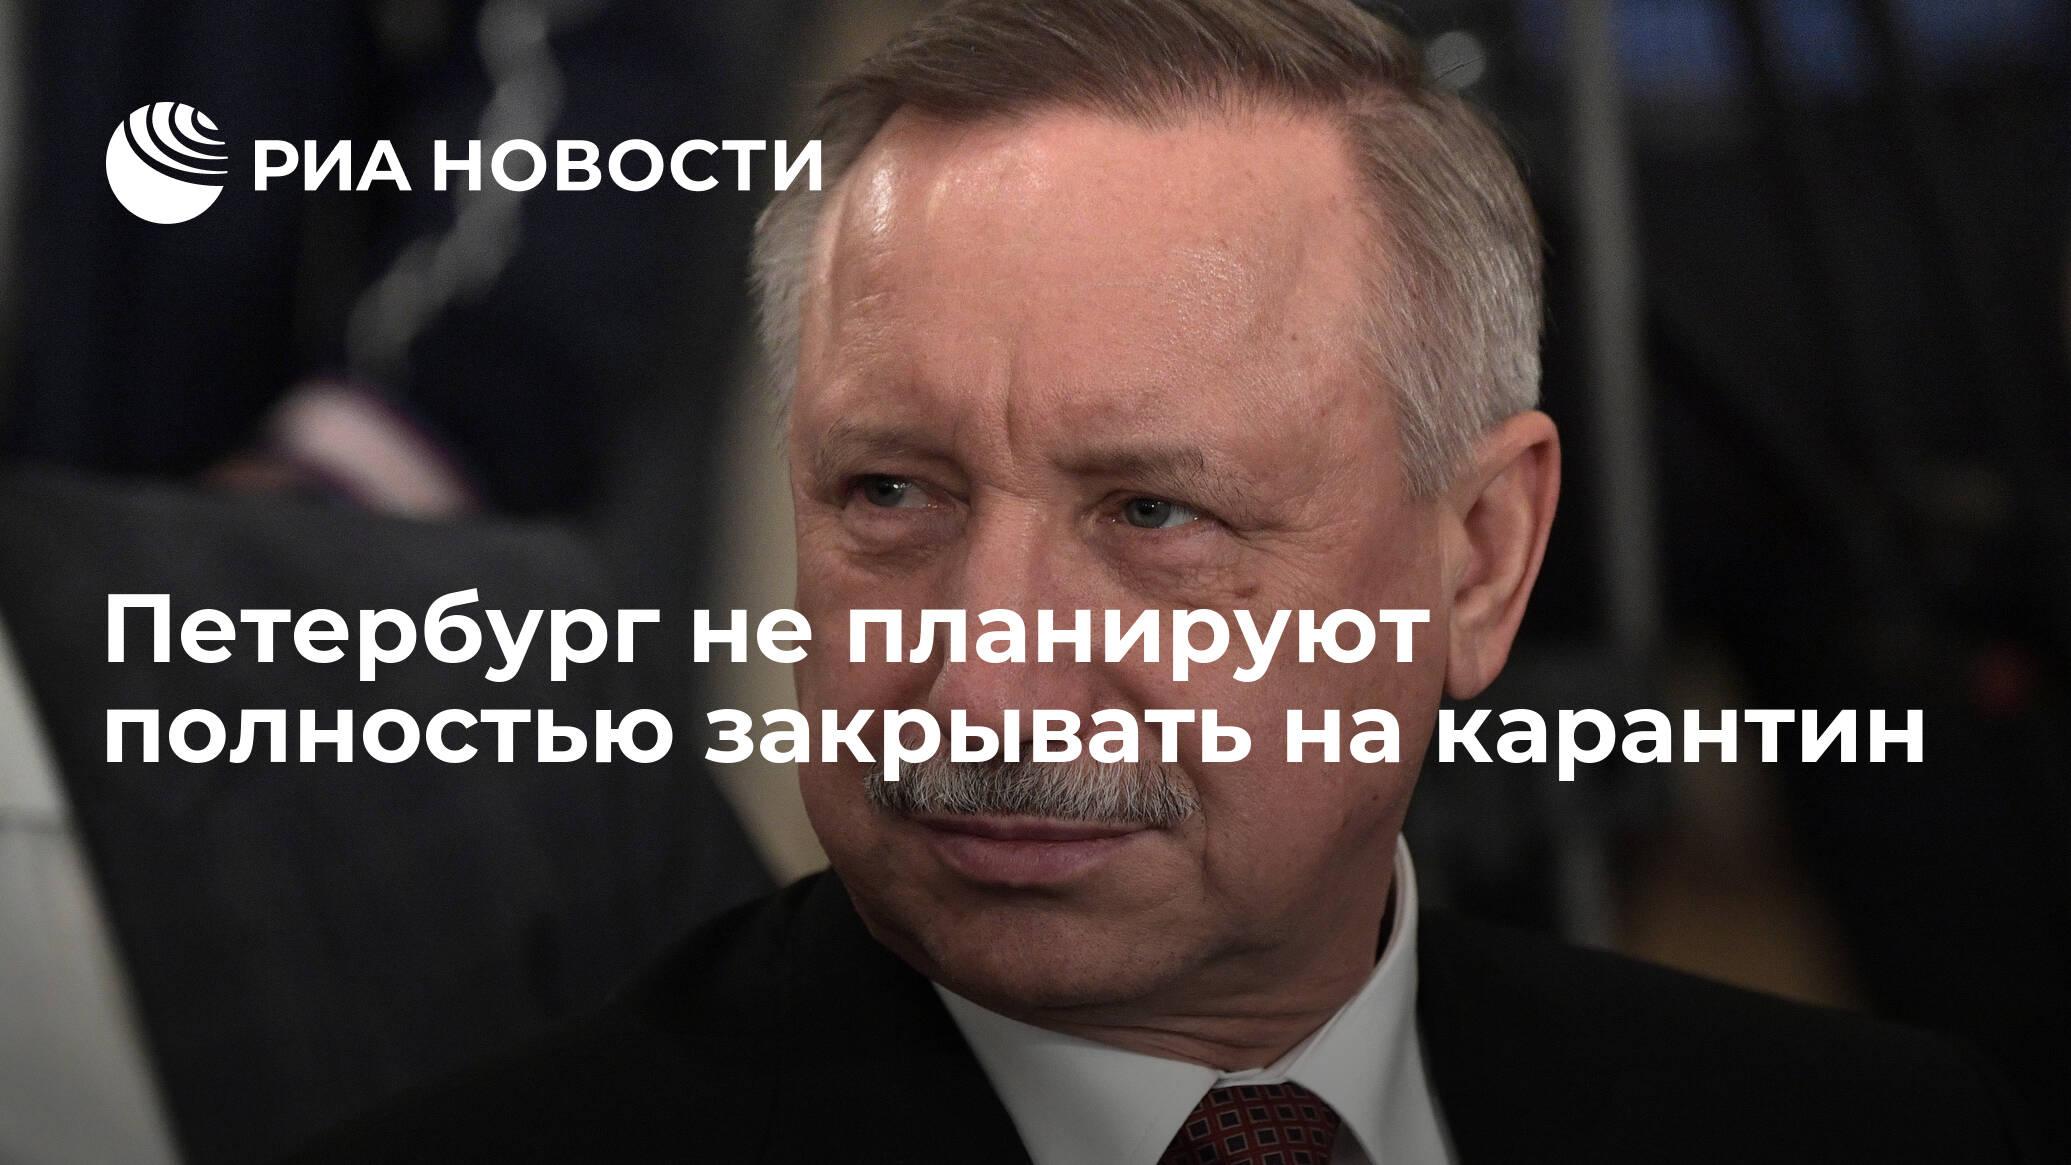 Петербург не планируют полностью закрывать на карантин